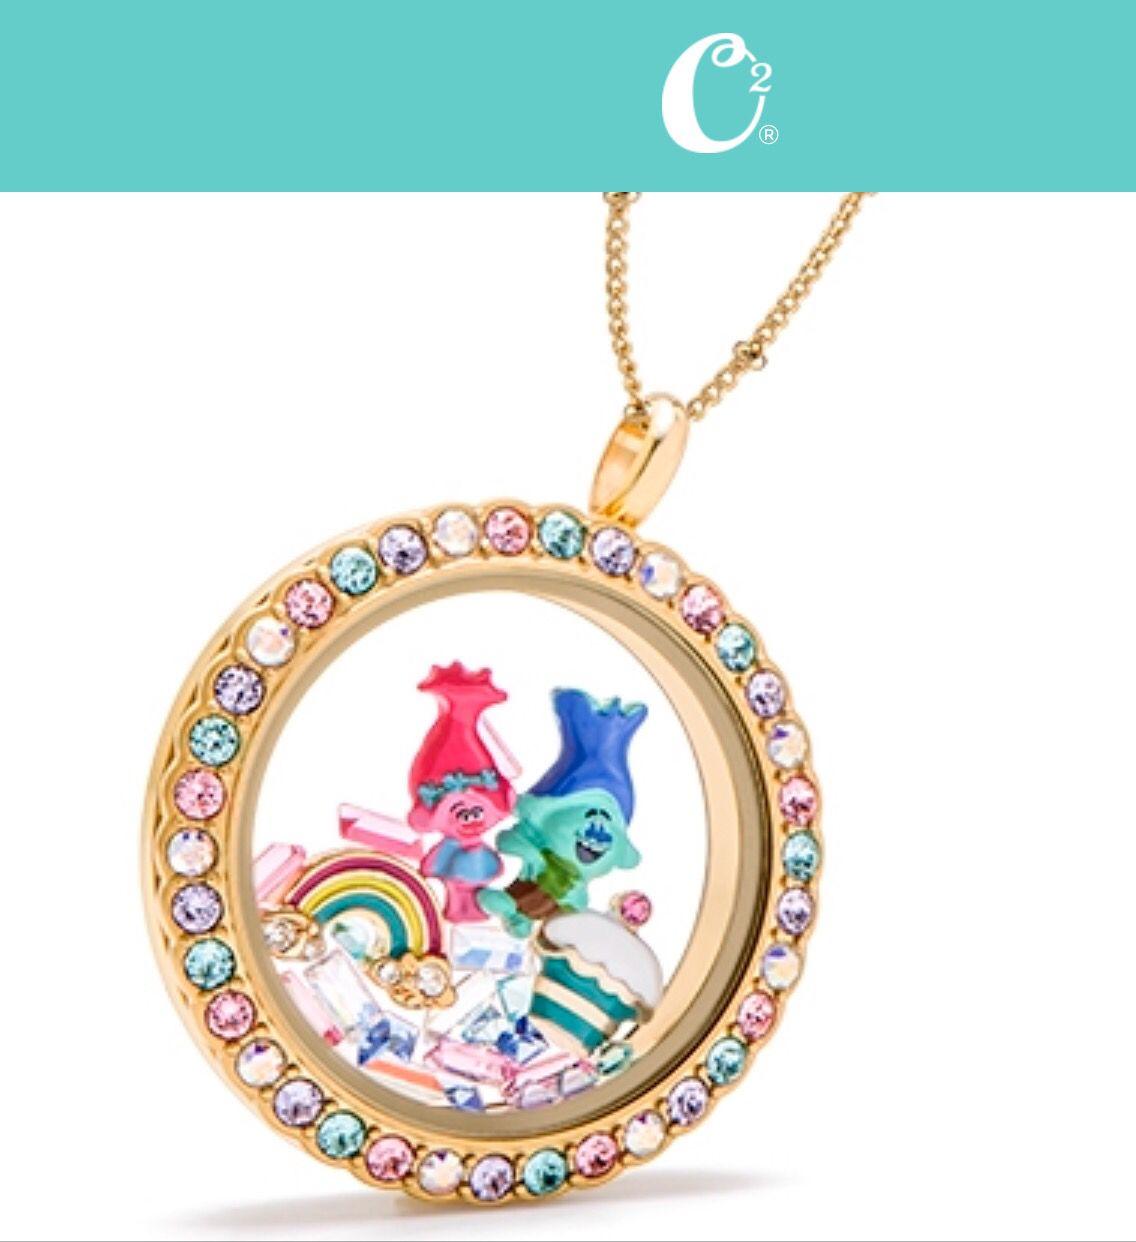 Pin by Ashley on Trolls | Charm jewelry, Custom jewelry ... - photo#12